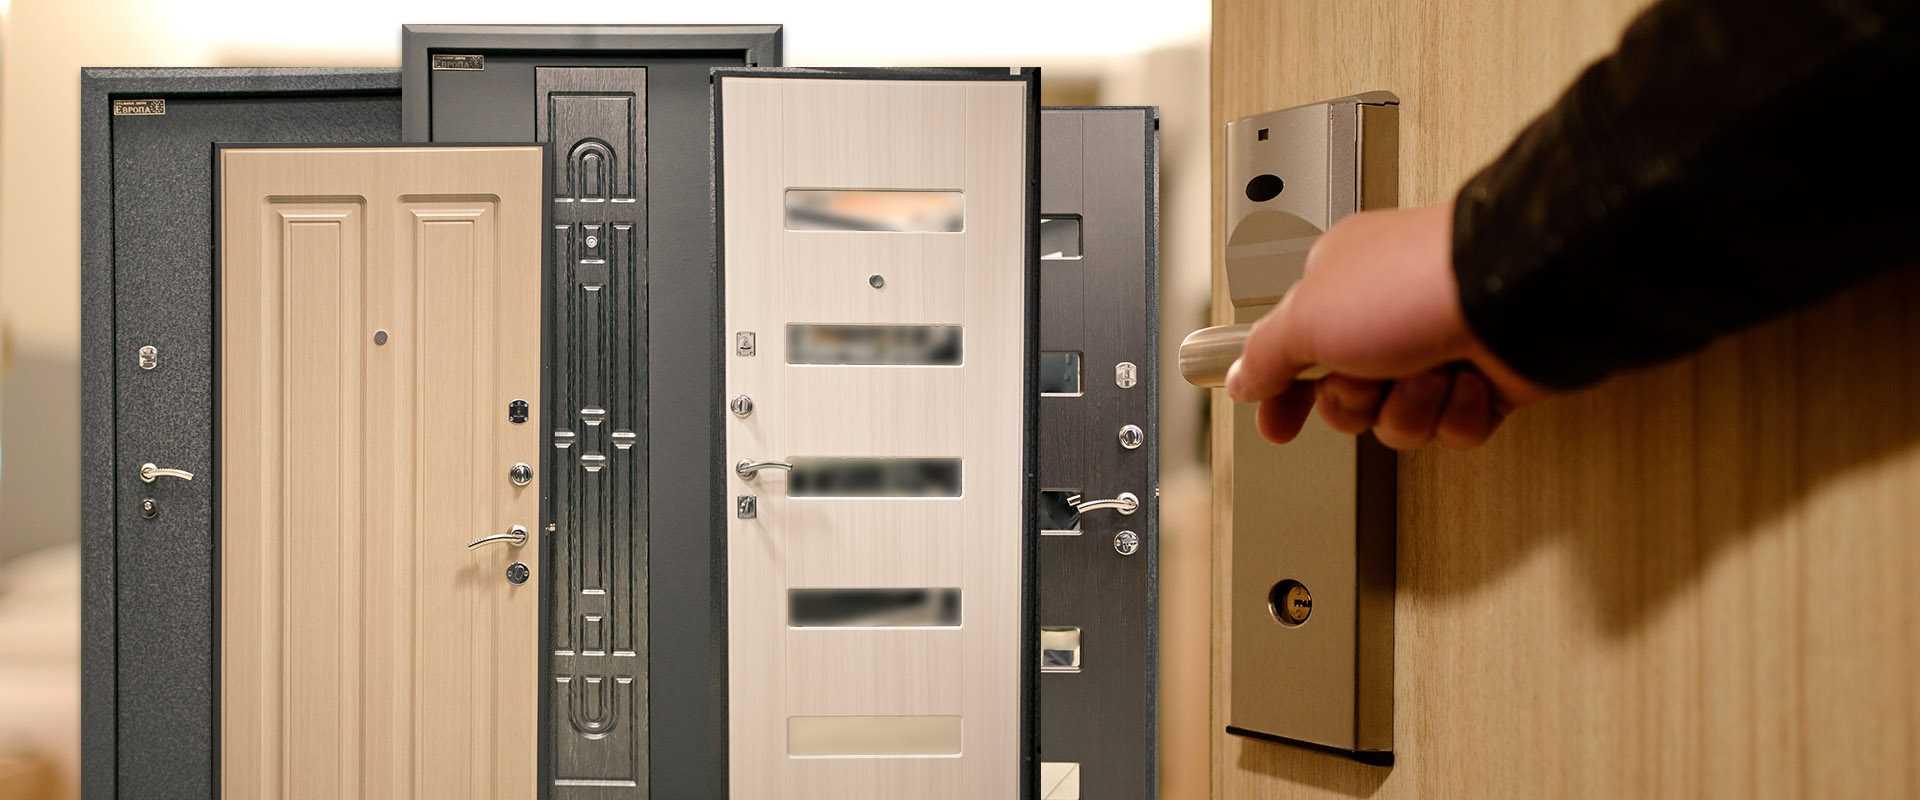 Размеры дверей: общепринятые стандарты